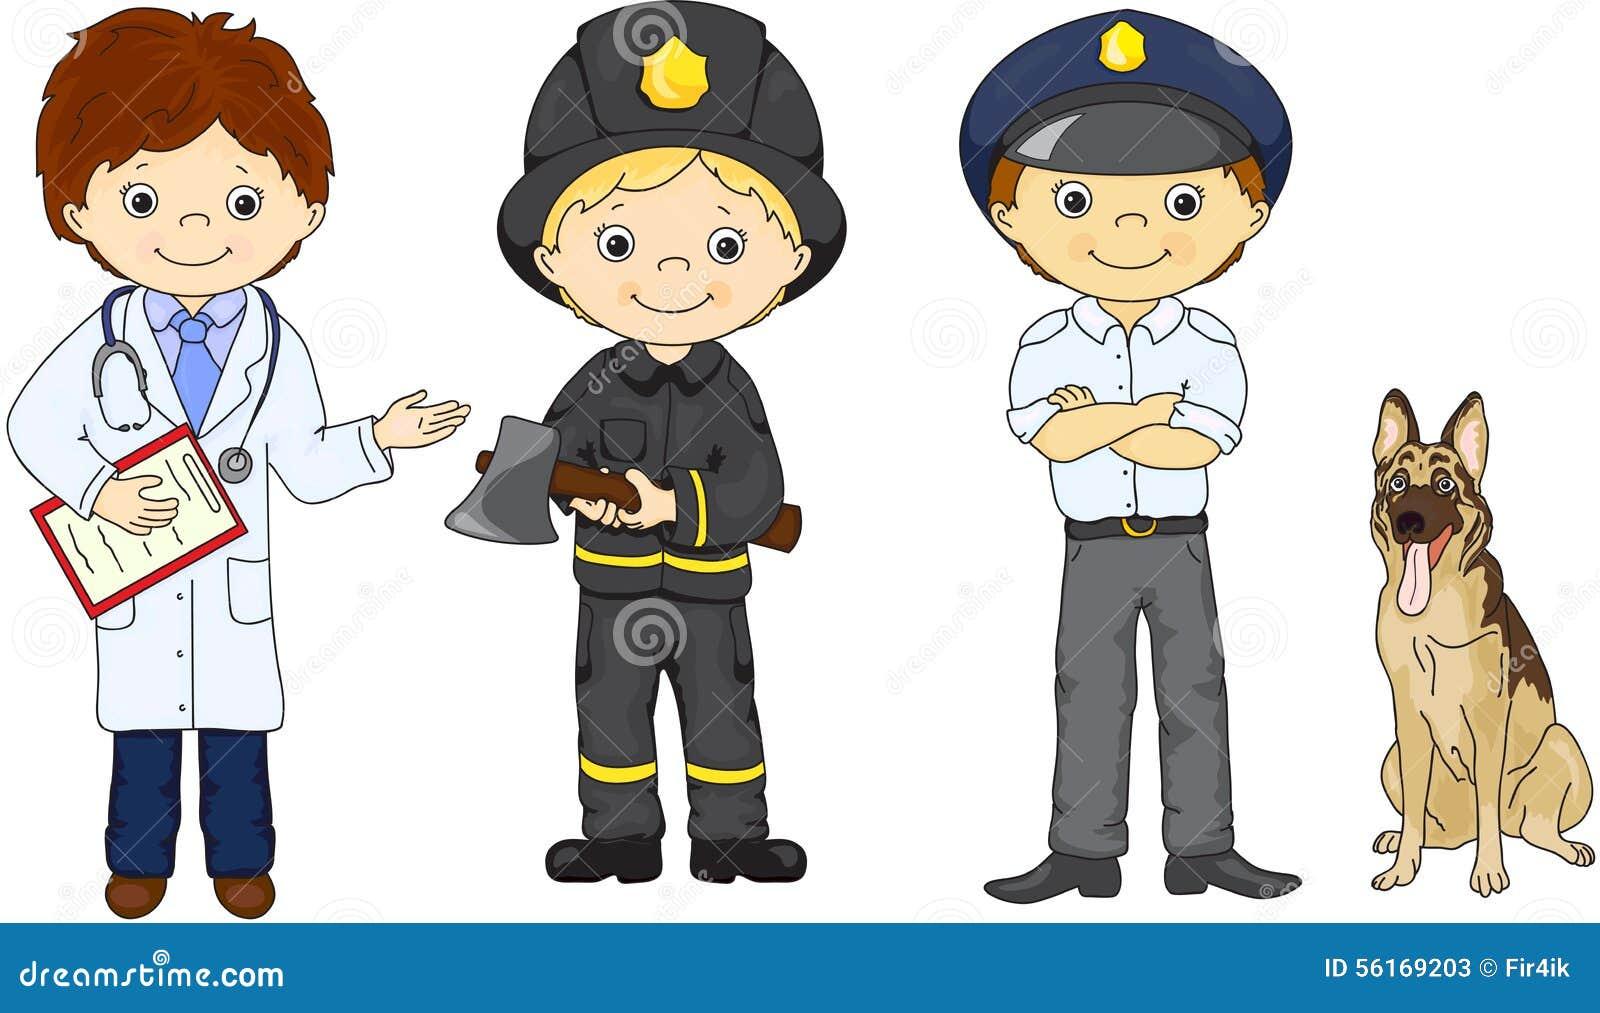 polic u00eda  bombero y doctor en su uniforme ilustraci u00f3n del police clipart black and white policeman clipart with stop sign